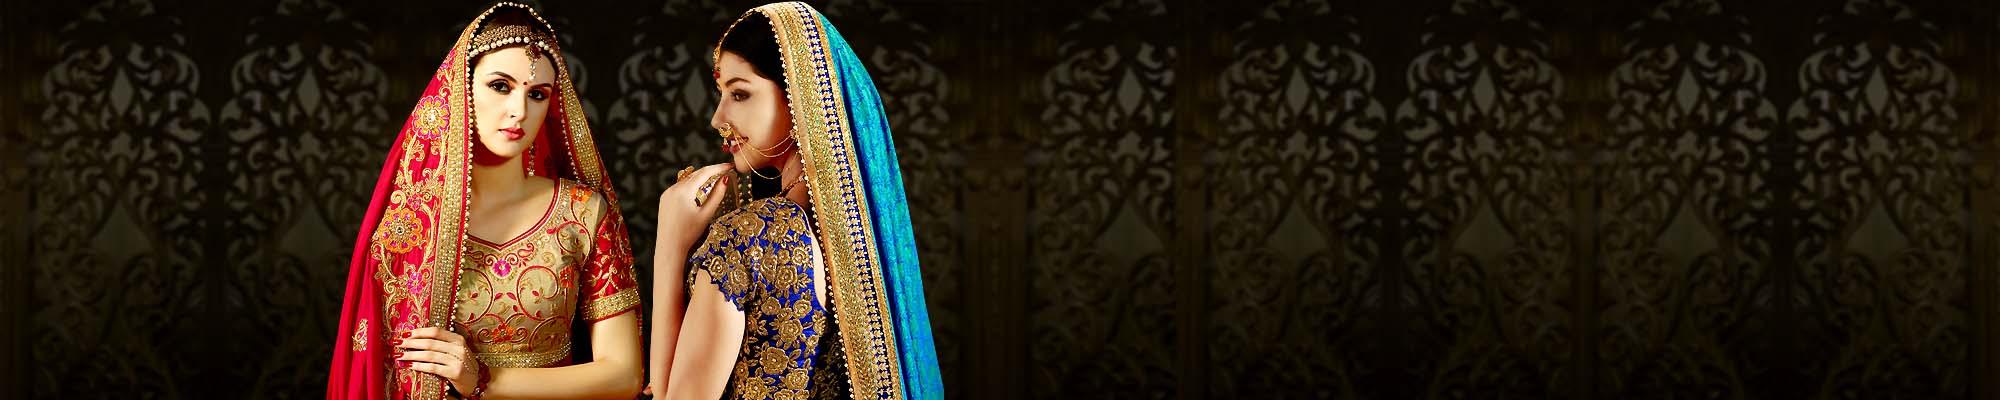 INDIAN BRIDAL SAREE FOR WOMEN